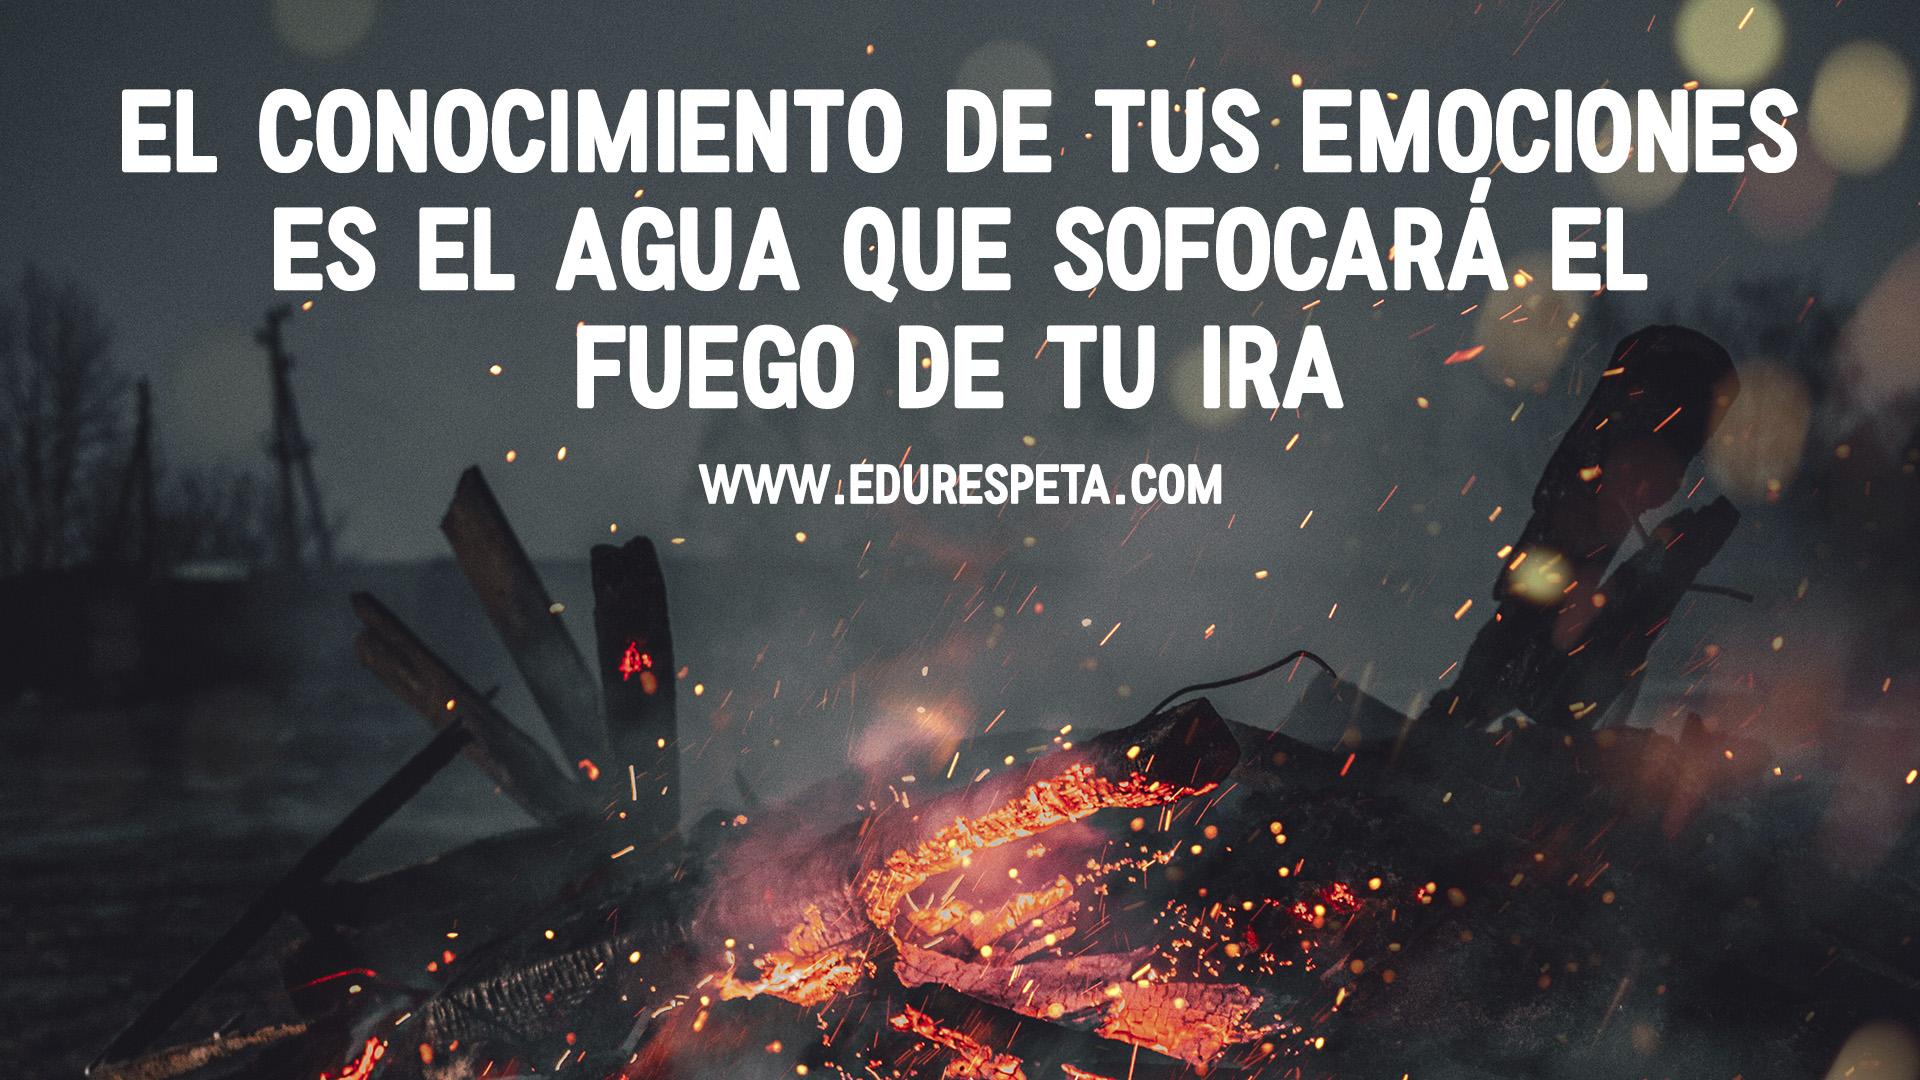 El conocimiento de tus emociones es el agua que sofocará el fuego de tu ira